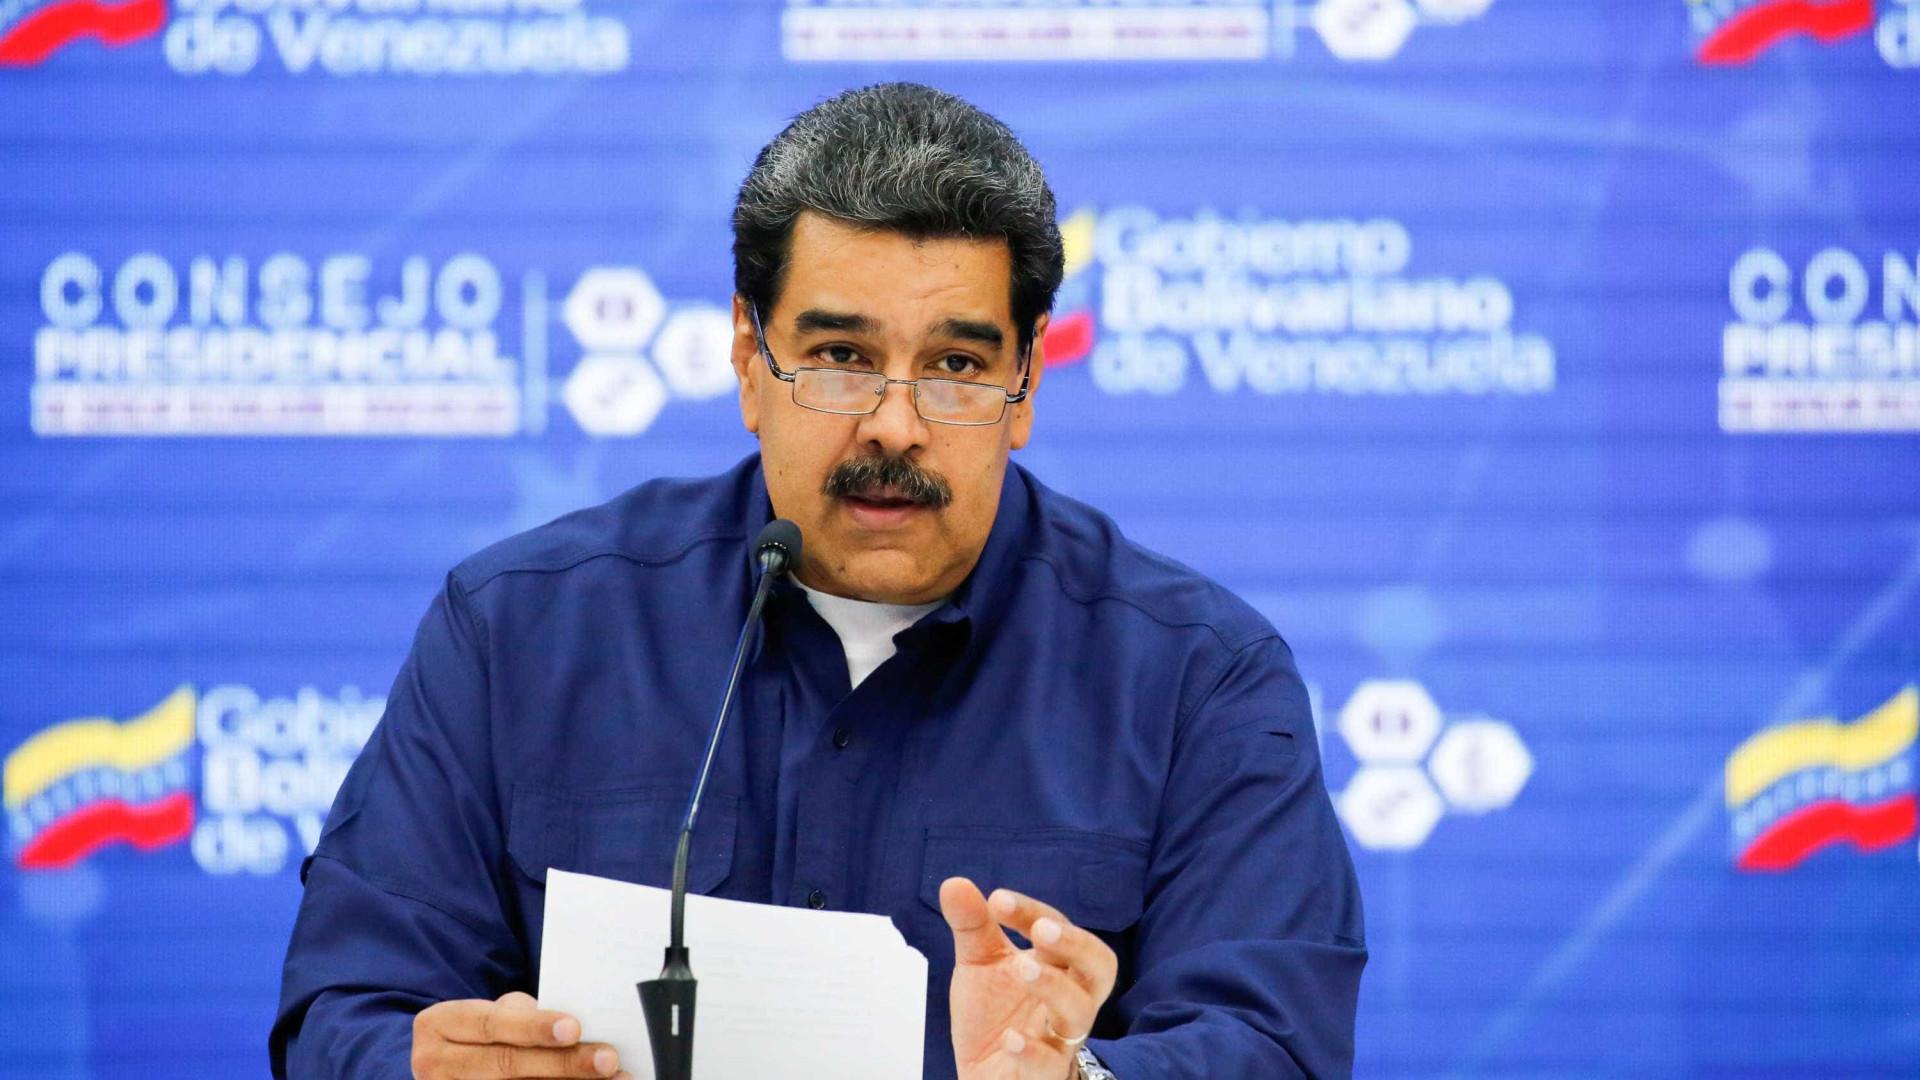 Nicolás Maduro acusa ONU de não cumprir com a ajuda prometida